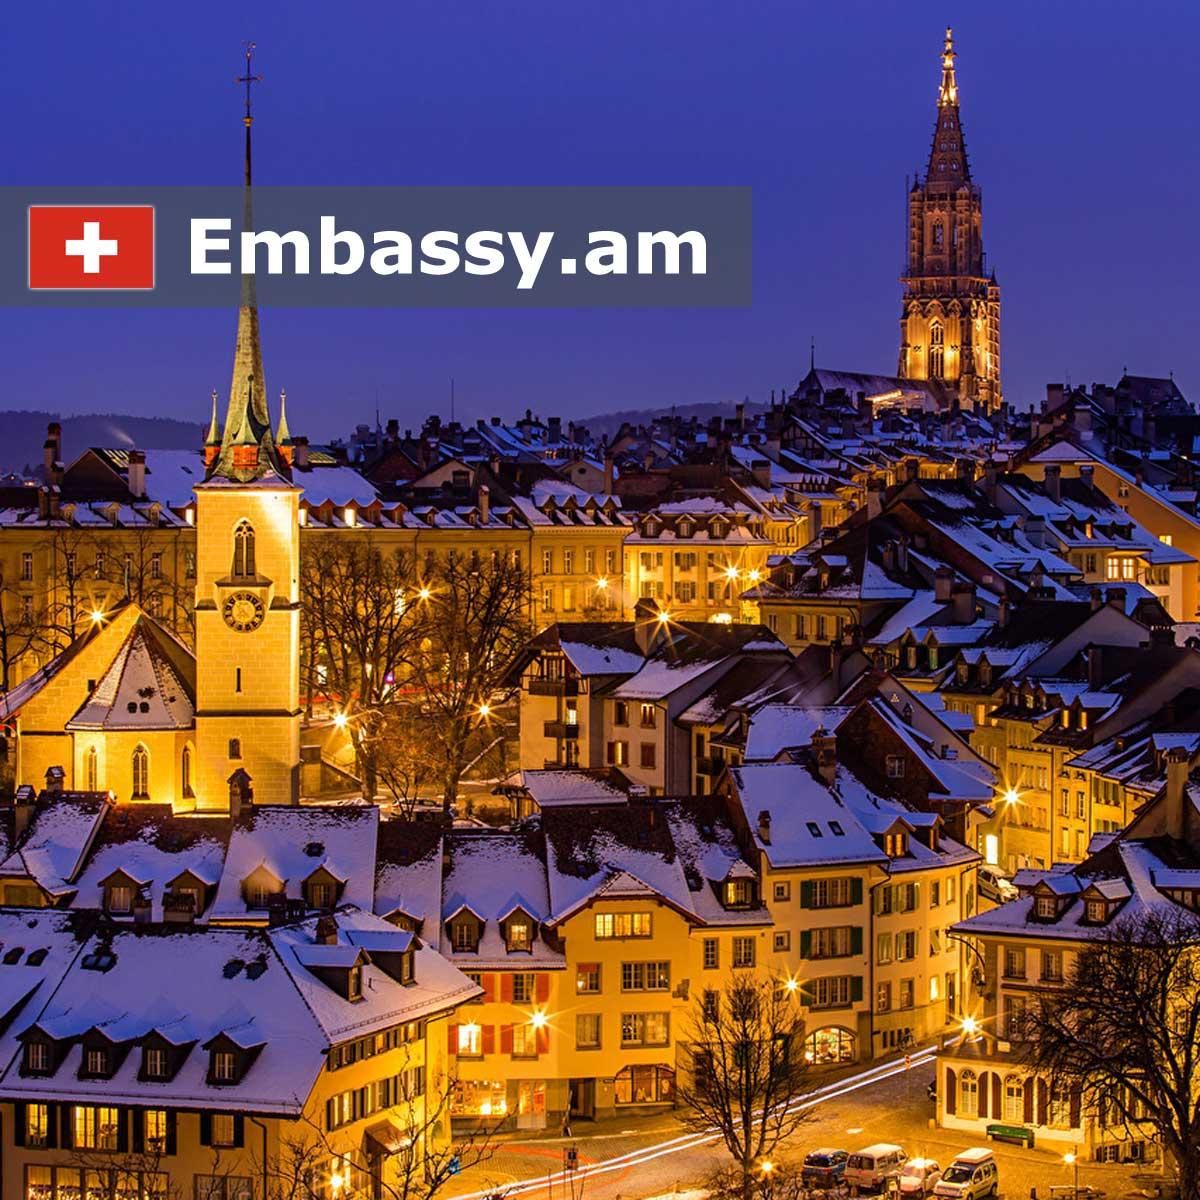 Берн - Отели в Швейцарии - Embassy.am